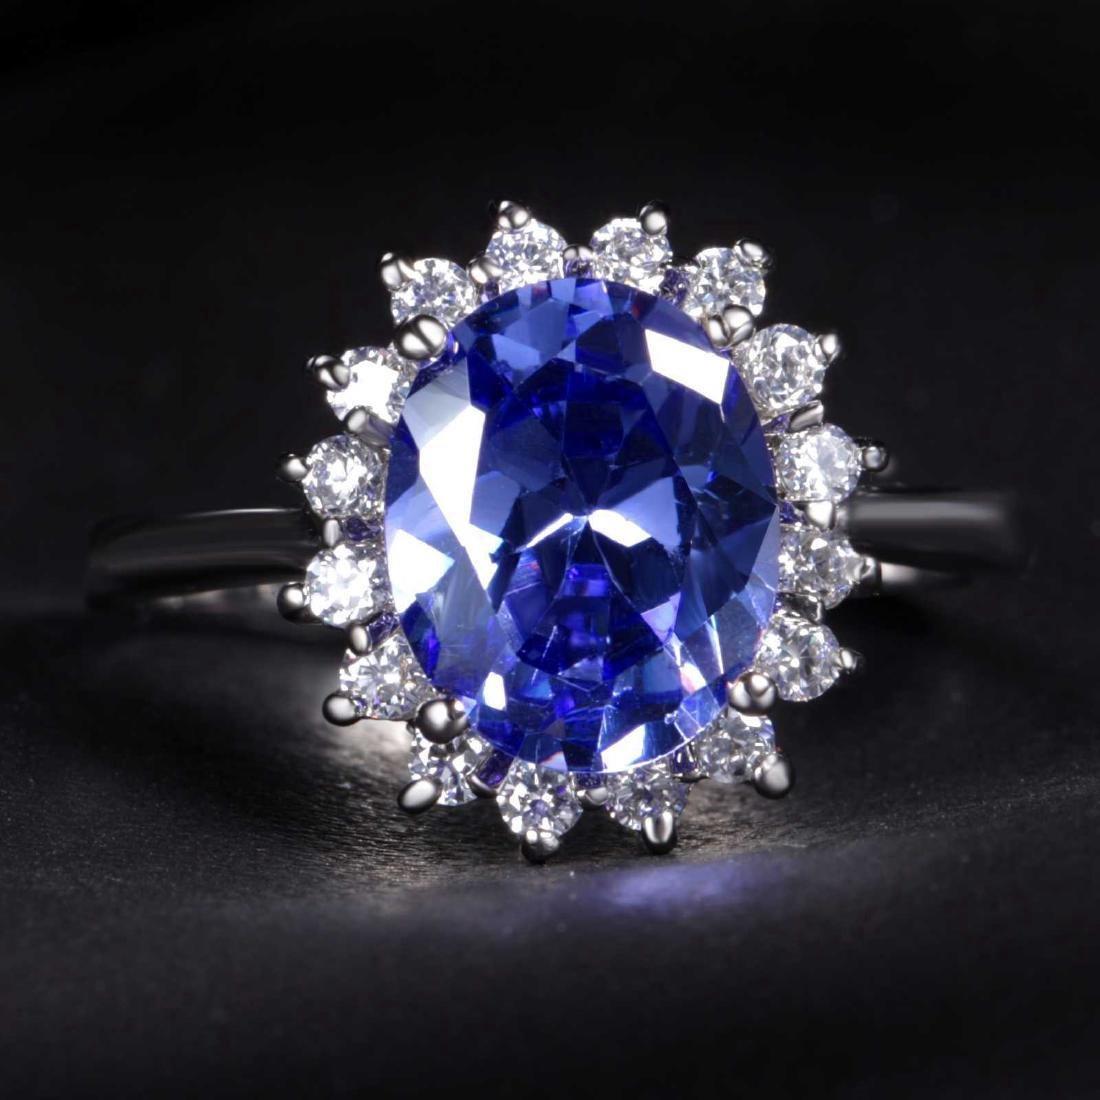 14K White Gold Sapphire White Topaz Ring, 3.50 ct